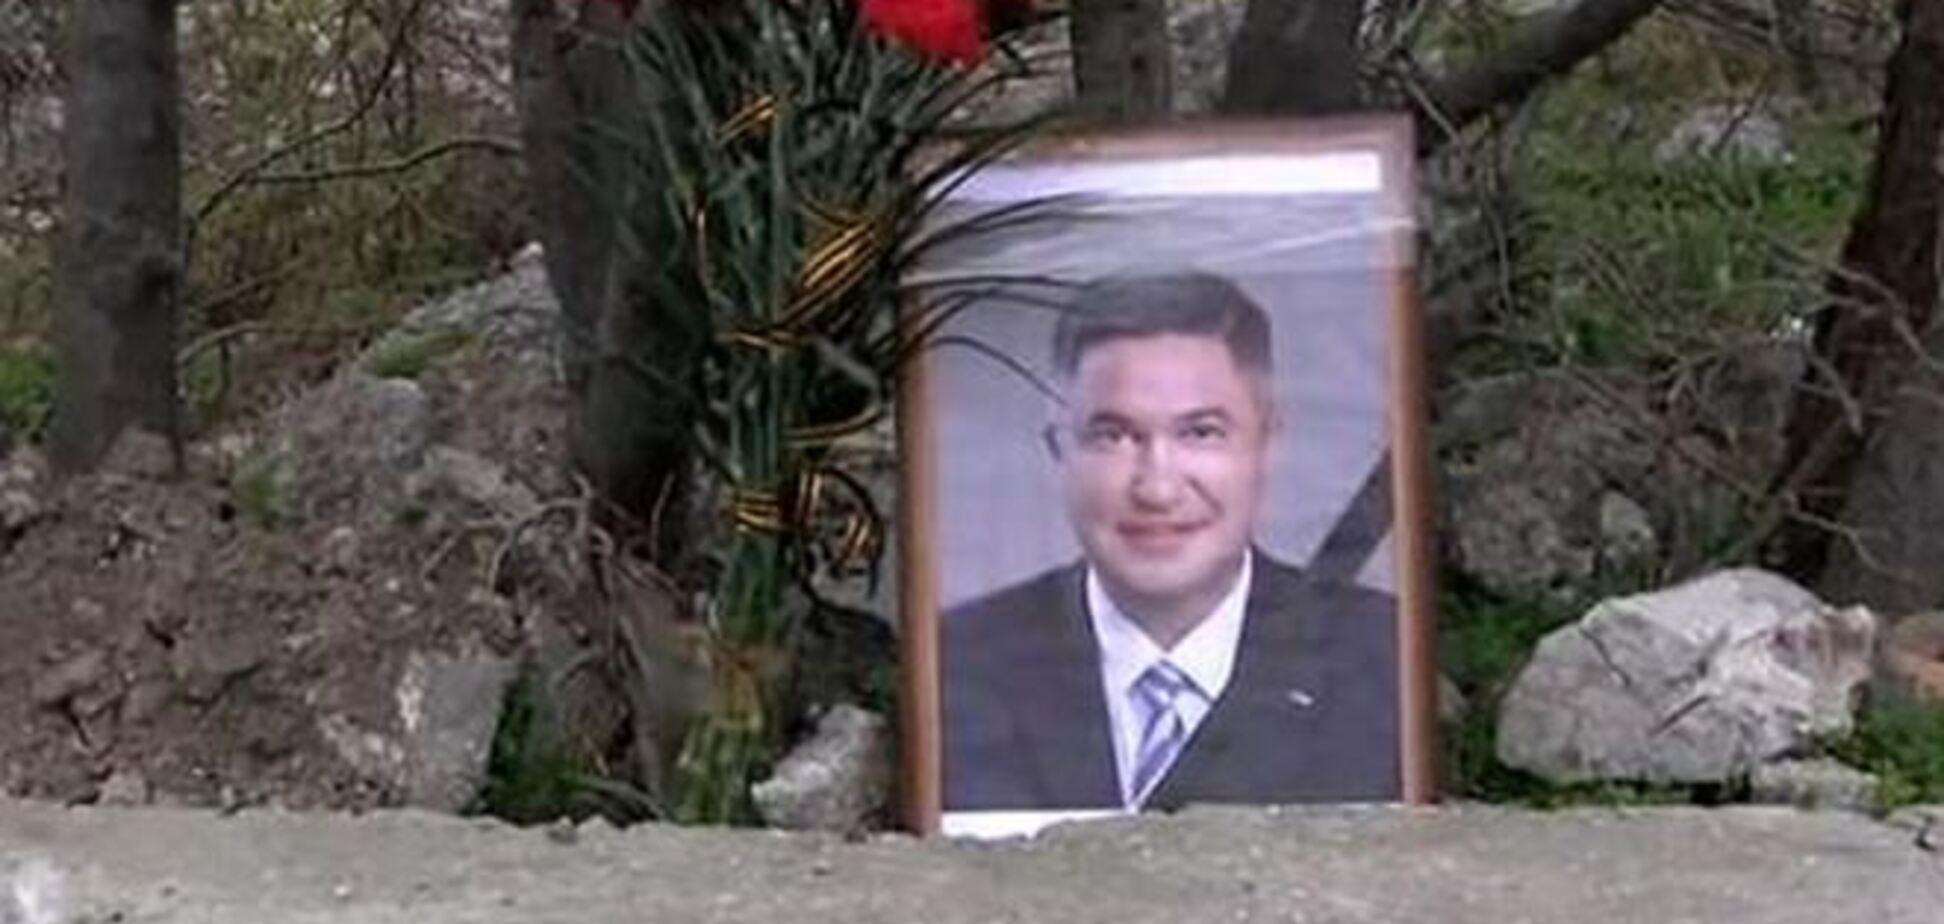 Милиция приостановила расследование убийства мэра Симеиза из-за пропажи подозреваемого